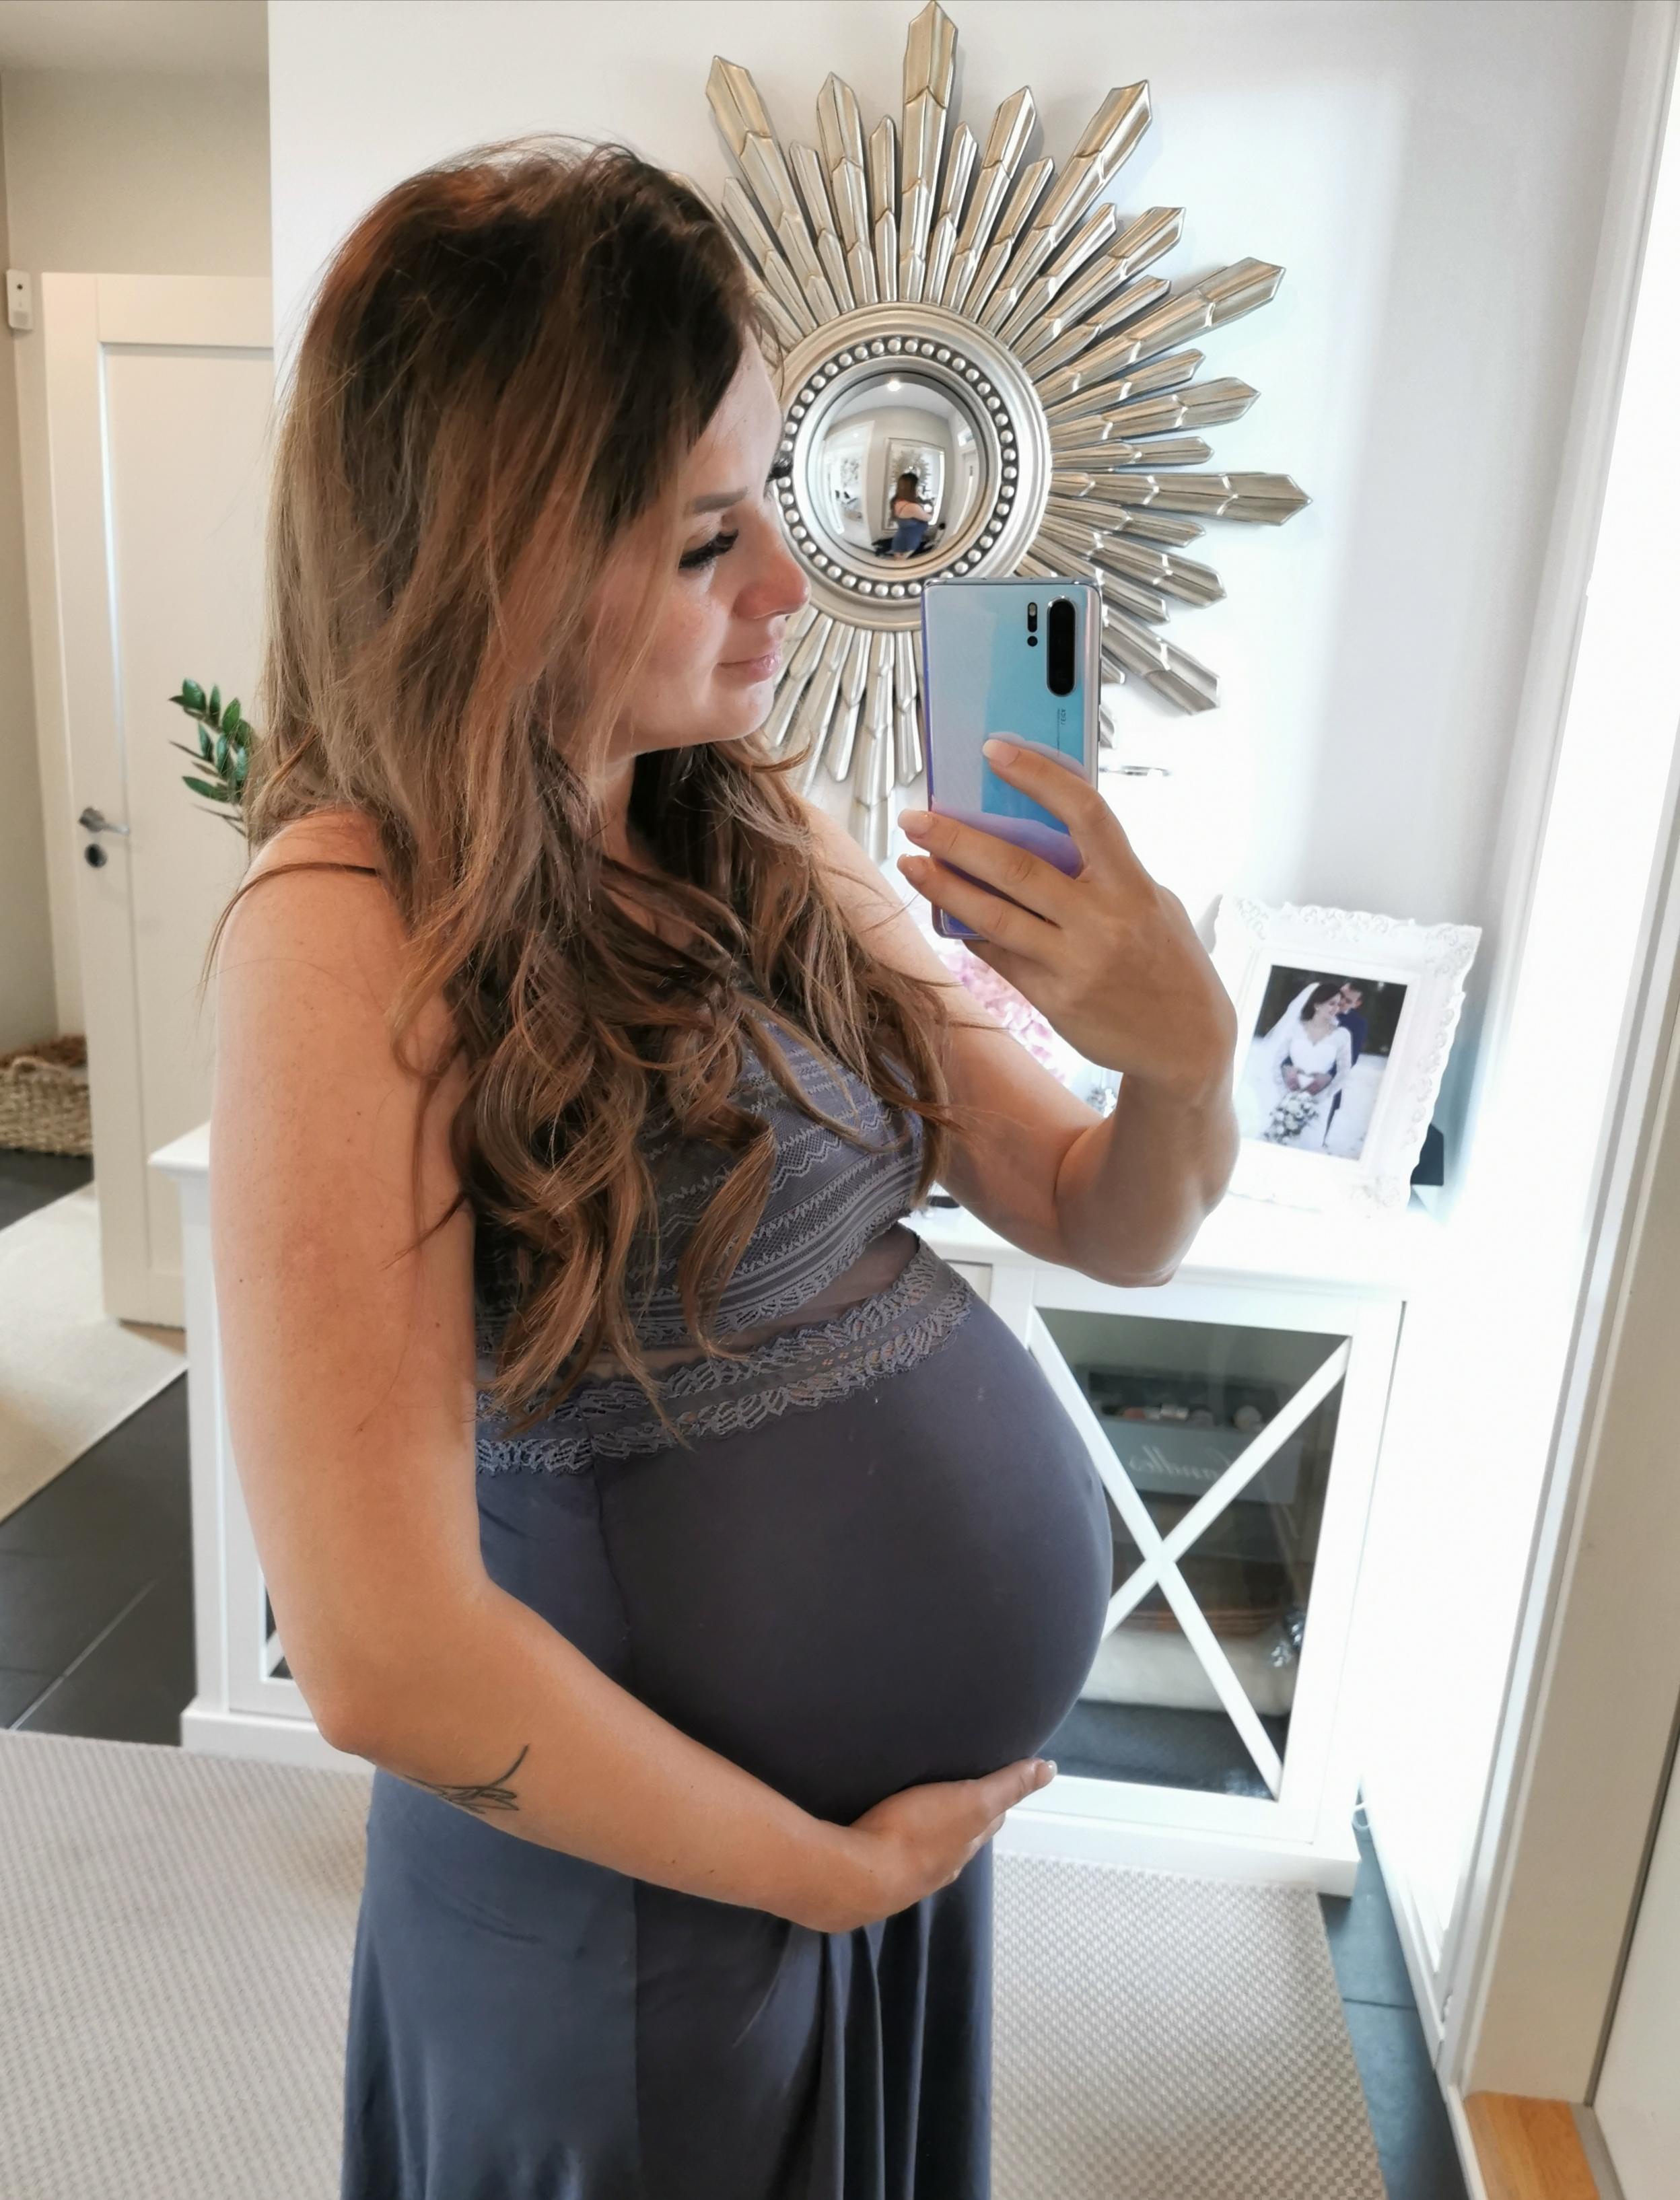 Ultra ääni dating raskauden alku vaiheessa